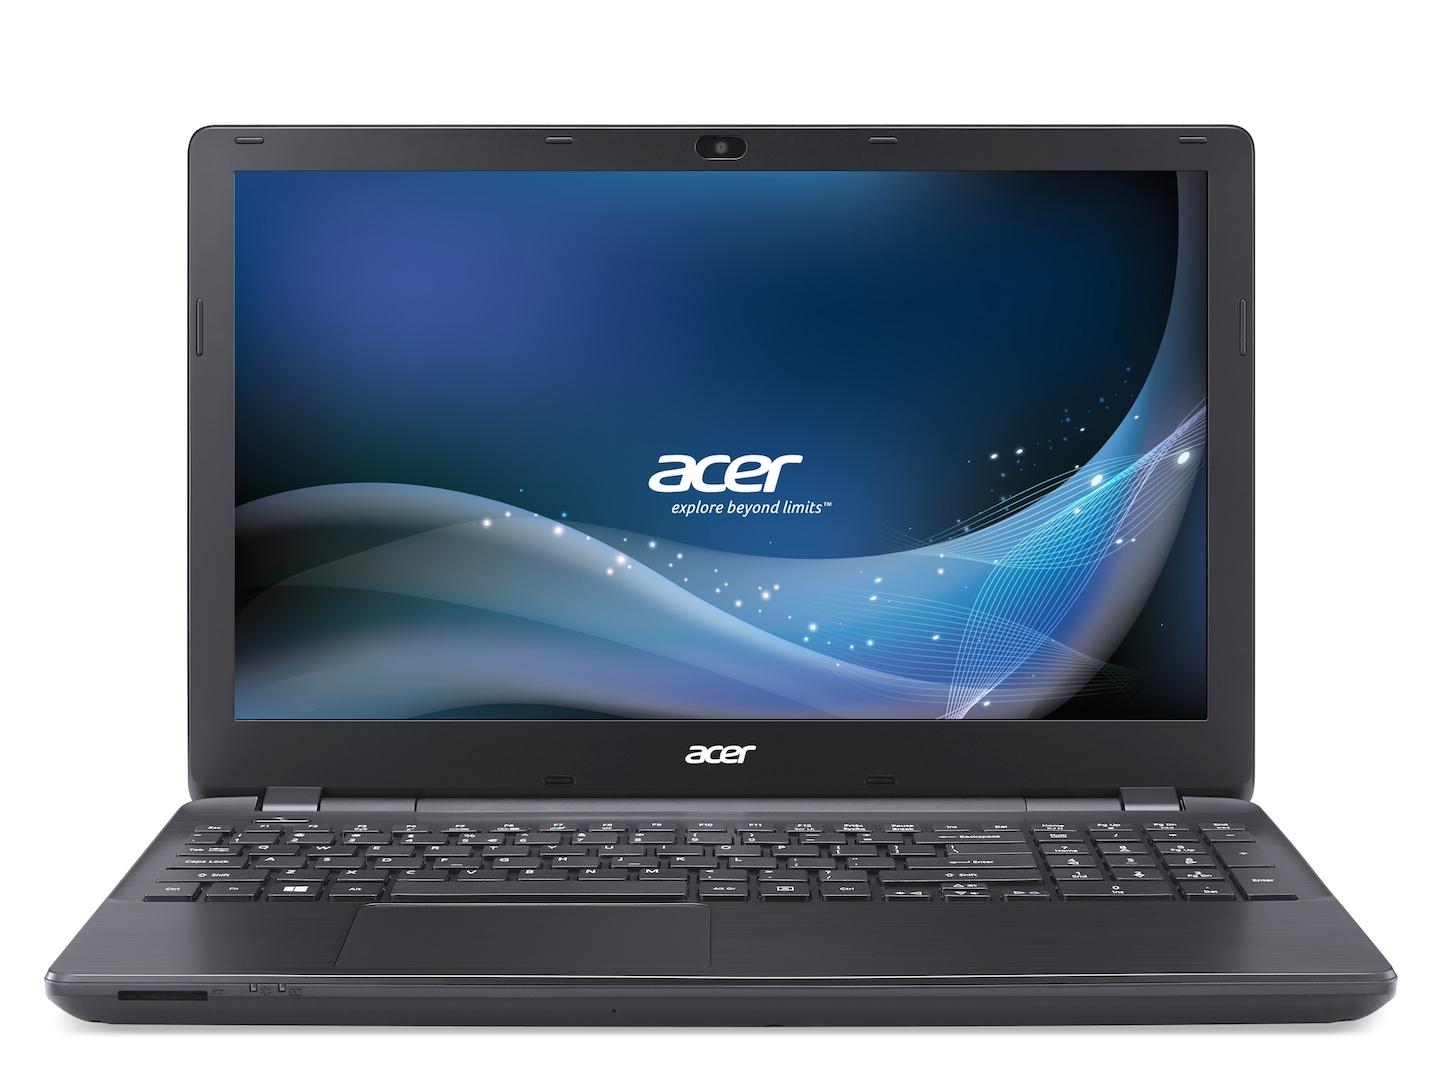 Acer Extensa 2509 Realtek LAN 64 BIT